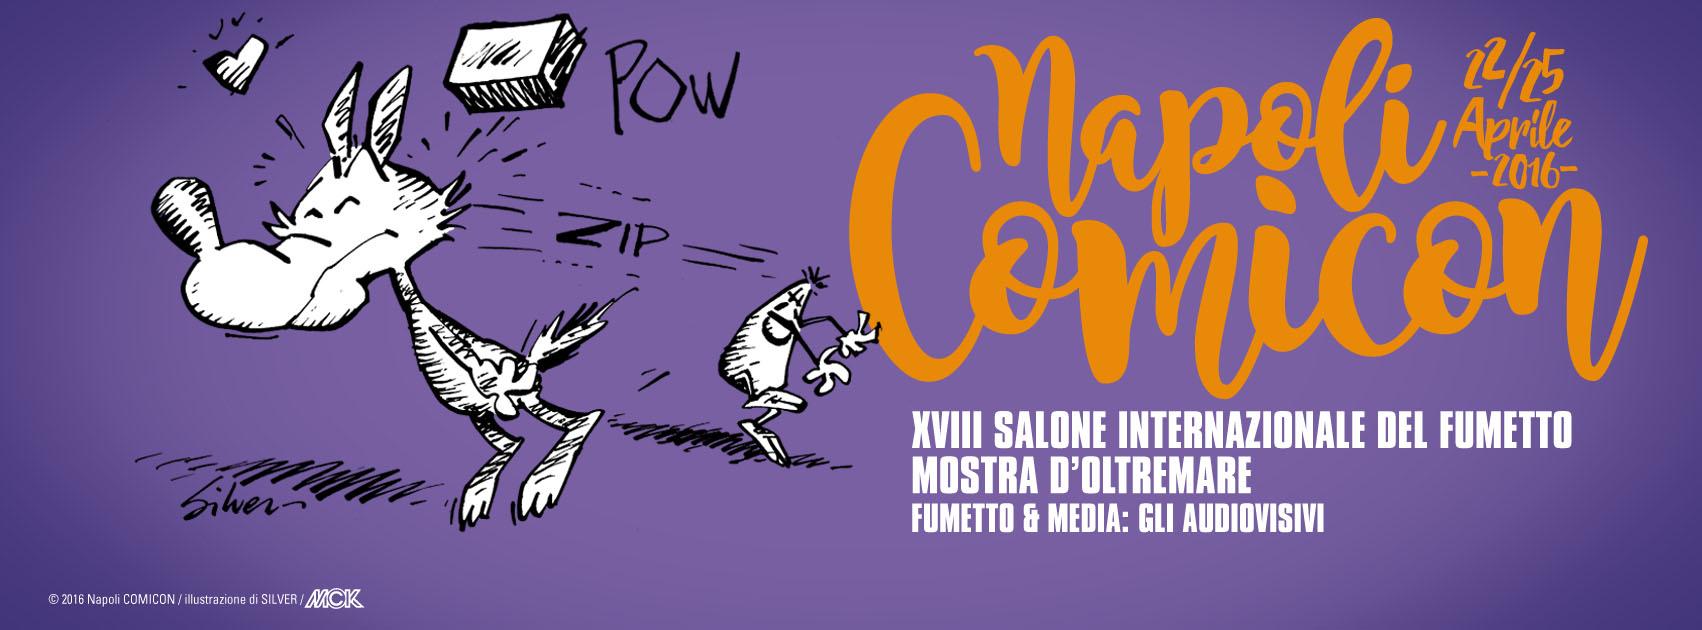 Ritorna il salone internazionale del fumetto: tutte le novità del Napoli Comicon 2016